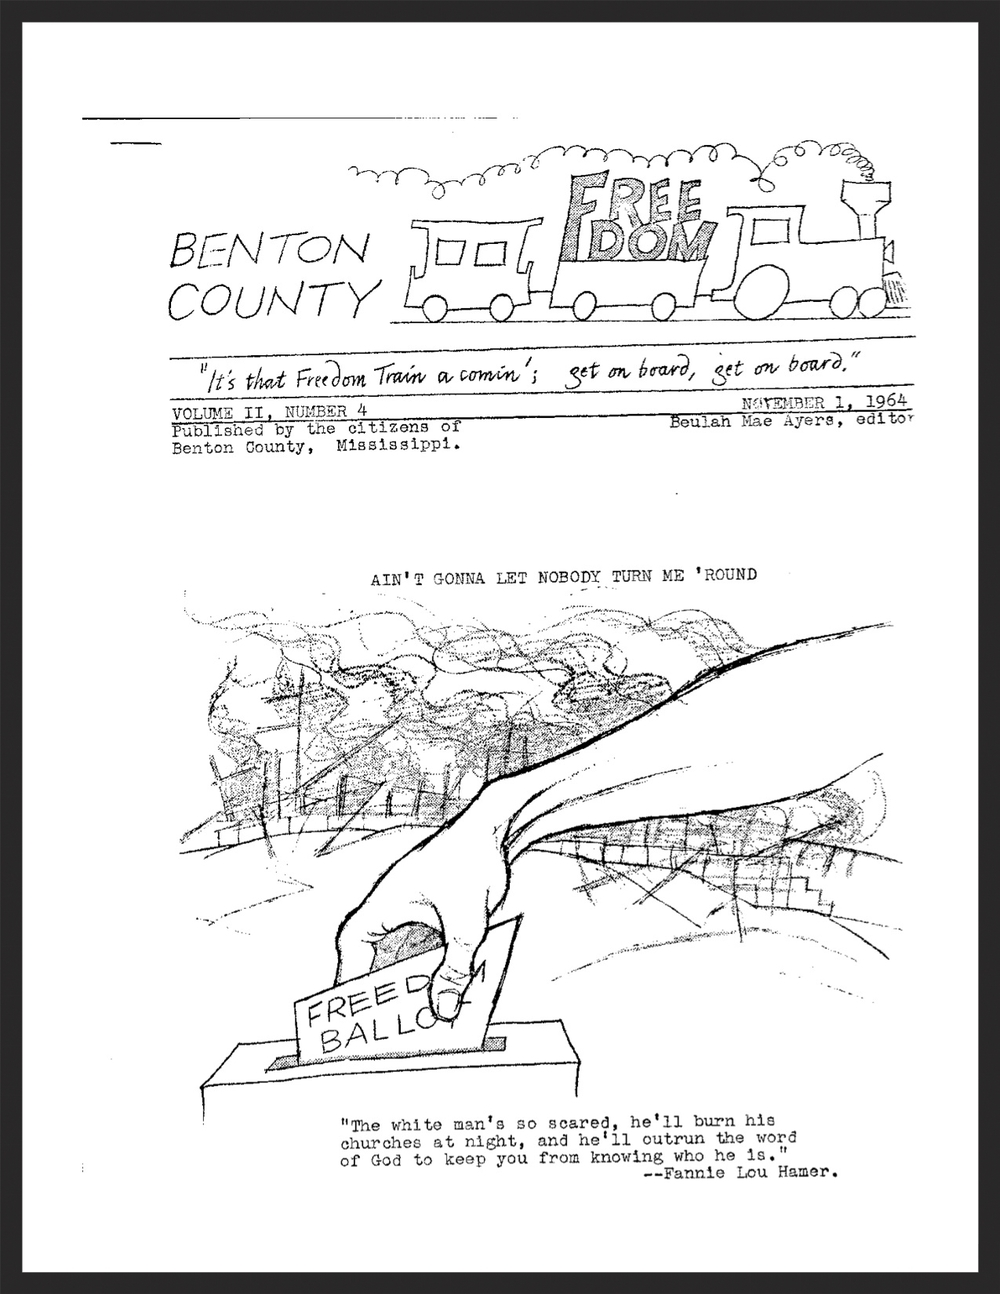 November 1, 1965